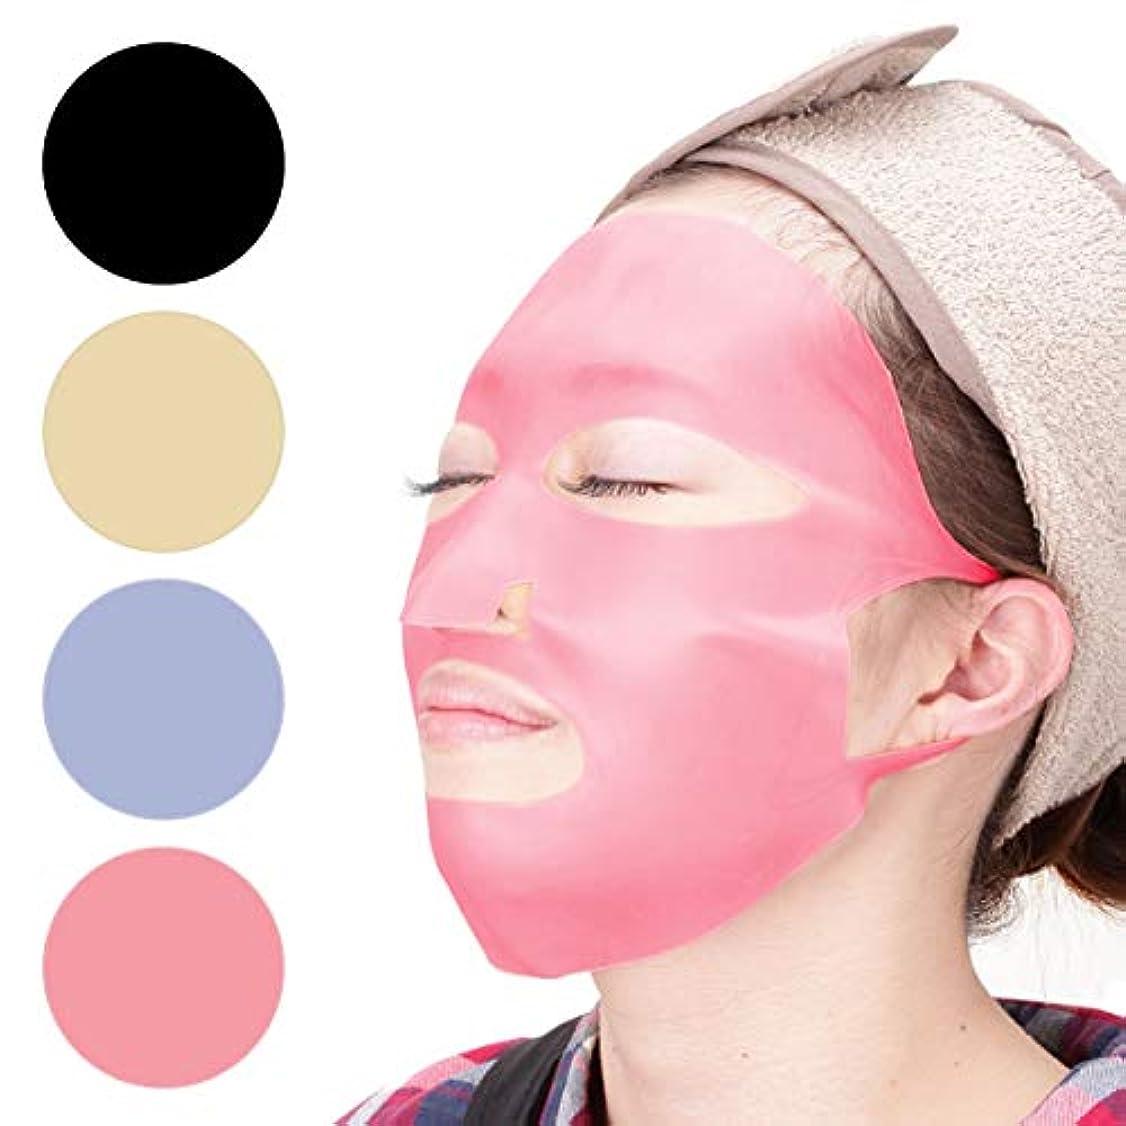 仮定、想定。推測仲間、同僚ローン< プロズビ > シリコン ホールドマスク 全4色 ピンク [ シリコンマスク シートパック フェイスマスク フェイスシート フェイスパック フェイシャルマスク シートマスク フェイシャルシート フェイシャルパック 顔パック ]